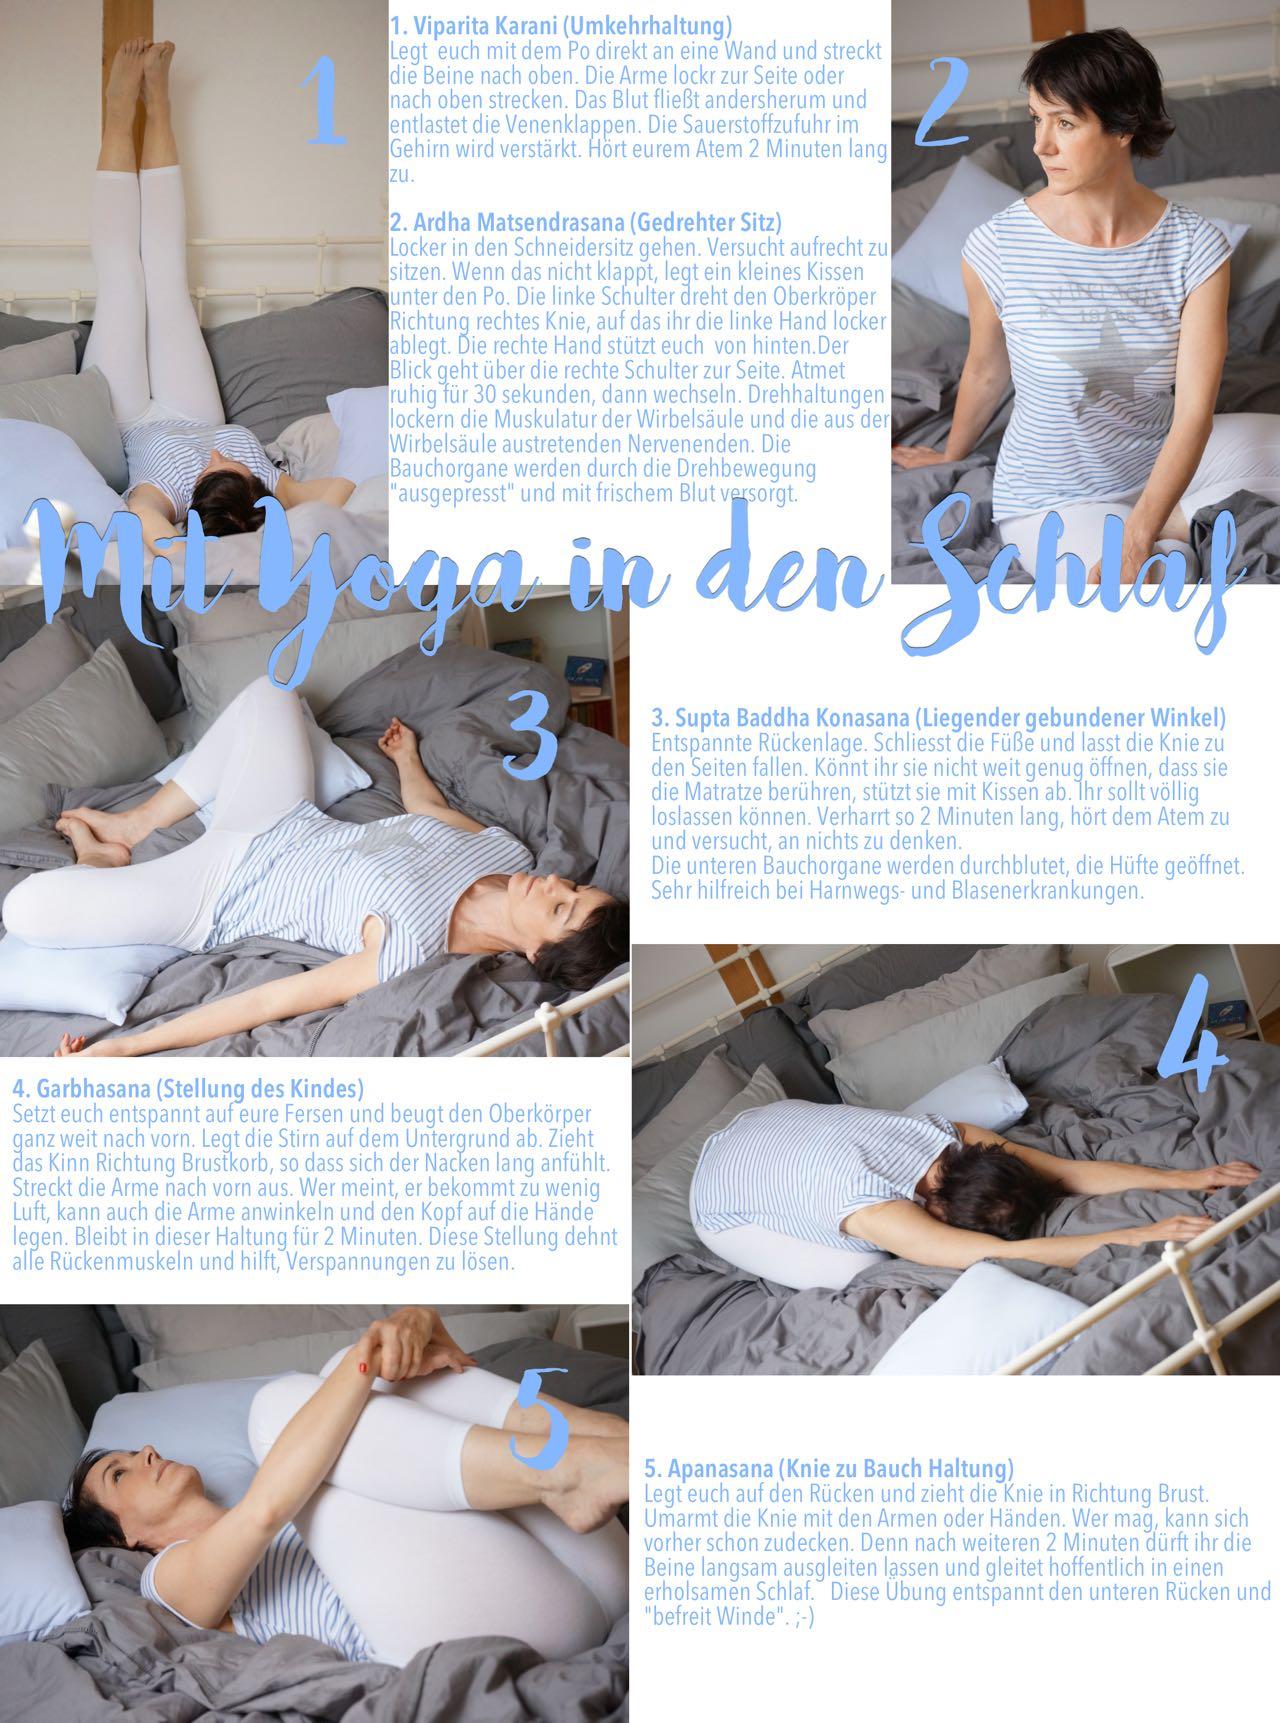 """1. Viparita Karani (Umkehrhaltung) Legt euch mit dem Po direkt an eine Wand und streckt die Beine nach oben. Die Arme lockr zur Seite oder nach oben strecken. Das Blut fließt andersherum und entlastet die Venenklappen. Die Sauerstoffzufuhr im Gehirn wird verstärkt. Hört eurem Atem 2 Minuten lang zu. 2. Ardha Matsendrasana (Gedrehter Sitz) Locker in den Schneidersitz gehen. Versucht aufrecht zu sitzen. Wenn das nicht klappt, legt ein kleines Kissen unter den Po. Die linke Schulter dreht den Oberkröper Richtung rechtes Knie, auf das ihr die linke Hand locker ablegt. Die rechte Hand stützt euch von hinten.Der Blick geht über die rechte Schulter zur Seite. Atmet ruhig für 30 sekunden, dann wechseln. Drehhaltungen lockern die Muskulatur der Wirbelsäule und die aus der Wirbelsäule austretenden Nervenenden. Die Bauchorgane werden durch die Drehbewegung """"ausgepresst"""" und mit frischem Blut versorgt. 3. Supta Baddha Konasana (Liegender gebundener Winkel) Entspannte Rückenlage. Schliesst die Füße und lasst die Knie zu den Seiten fallen. Könnt ihr sie nicht weit genug öffnen, dass sie die Matratze berühren, stützt sie mit Kissen ab. Ihr sollt völlig loslassen können. Verharrt so 2 Minuten lang, hört dem Atem zu und versucht, an nichts zu denken. Die unteren Bauchorgane werden durchblutet, die Hüfte geöffnet. Sehr hilfreich bei Harnwegs- und Blasenerkrankungen. 4. Garbhasana (Stellung des Kindes) Setzt euch entspannt auf eure Fersen und beugt den Oberkörper ganz weit nach vorn. Legt die Stirn auf dem Untergrund ab. Zieht das Kinn Richtung Brustkorb, so dass sich der Nacken lang anfühlt. Streckt die Arme nach vorn aus. Wer meint, er bekommt zu wenig Luft, kann auch die Arme anwinkeln und den Kopf auf die Hände legen. Bleibt in dieser Haltung für 2 Minuten. Diese Stellung dehnt alle Rückenmuskeln und hilft, Verspannungen zu lösen. 5. Apanasana (Knie zu Bauch Haltung) Legt euch auf den Rücken und zieht die Knie in Richtung Brust. Umarmt die Knie mit den Armen oder Händen. Wer mag, """